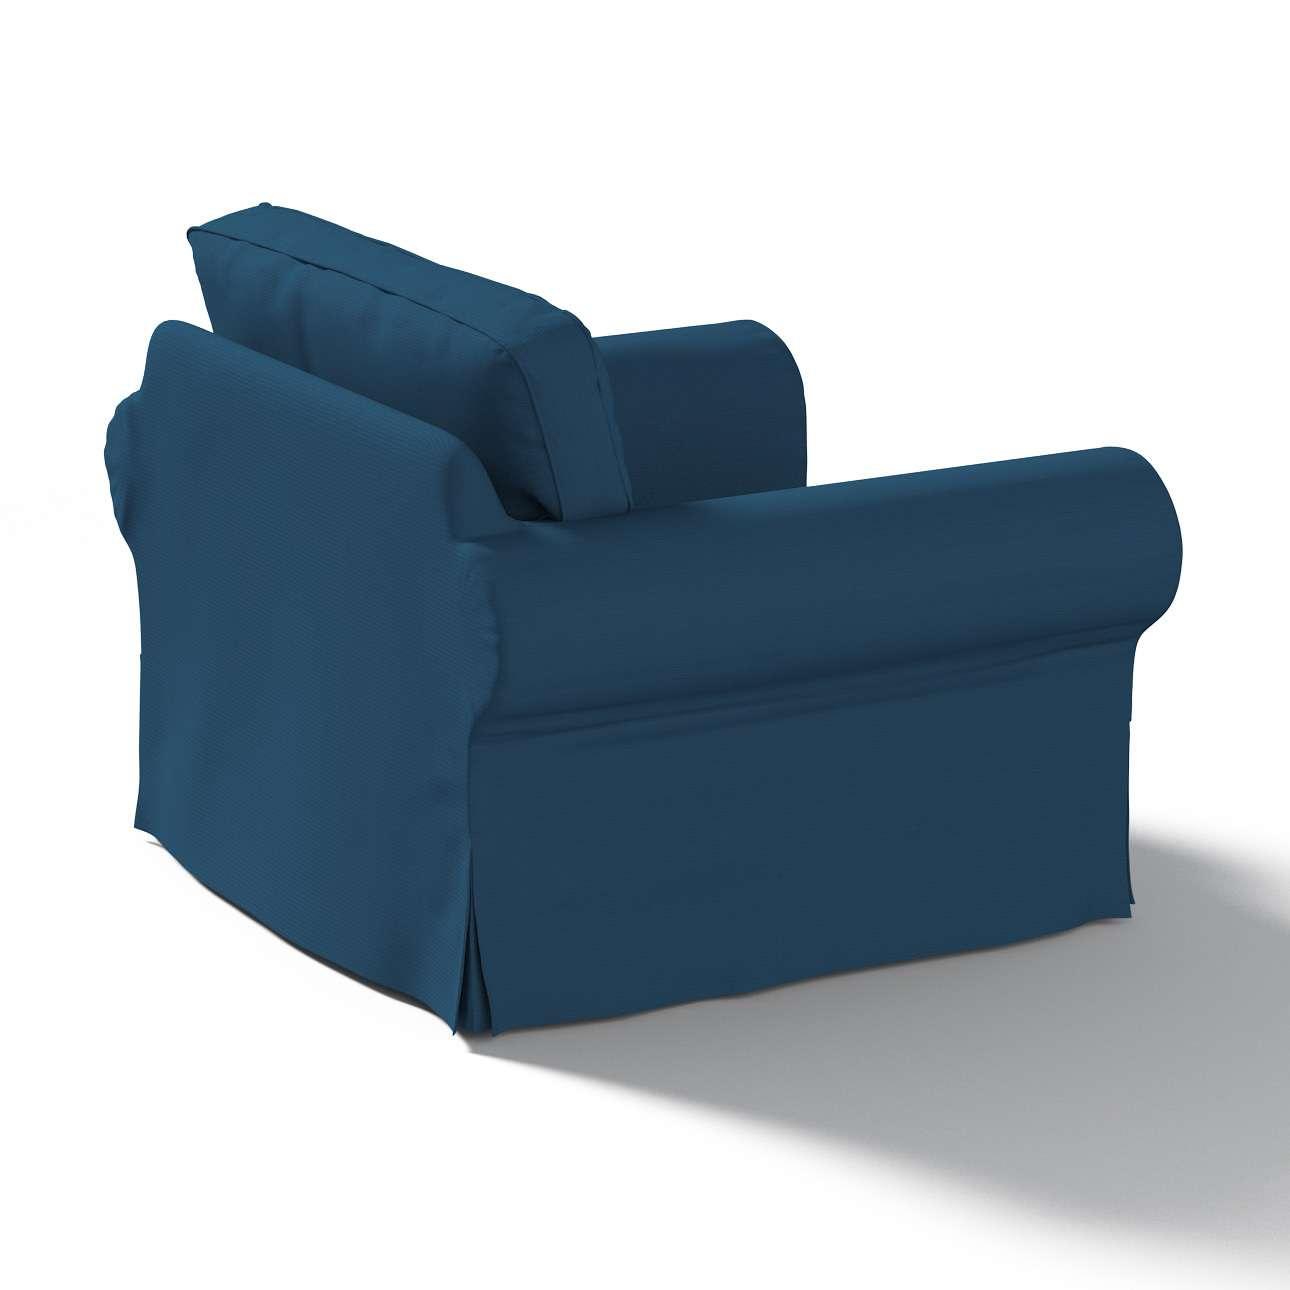 Pokrowiec na fotel Ektorp Fotel Ektorp w kolekcji Cotton Panama, tkanina: 702-30